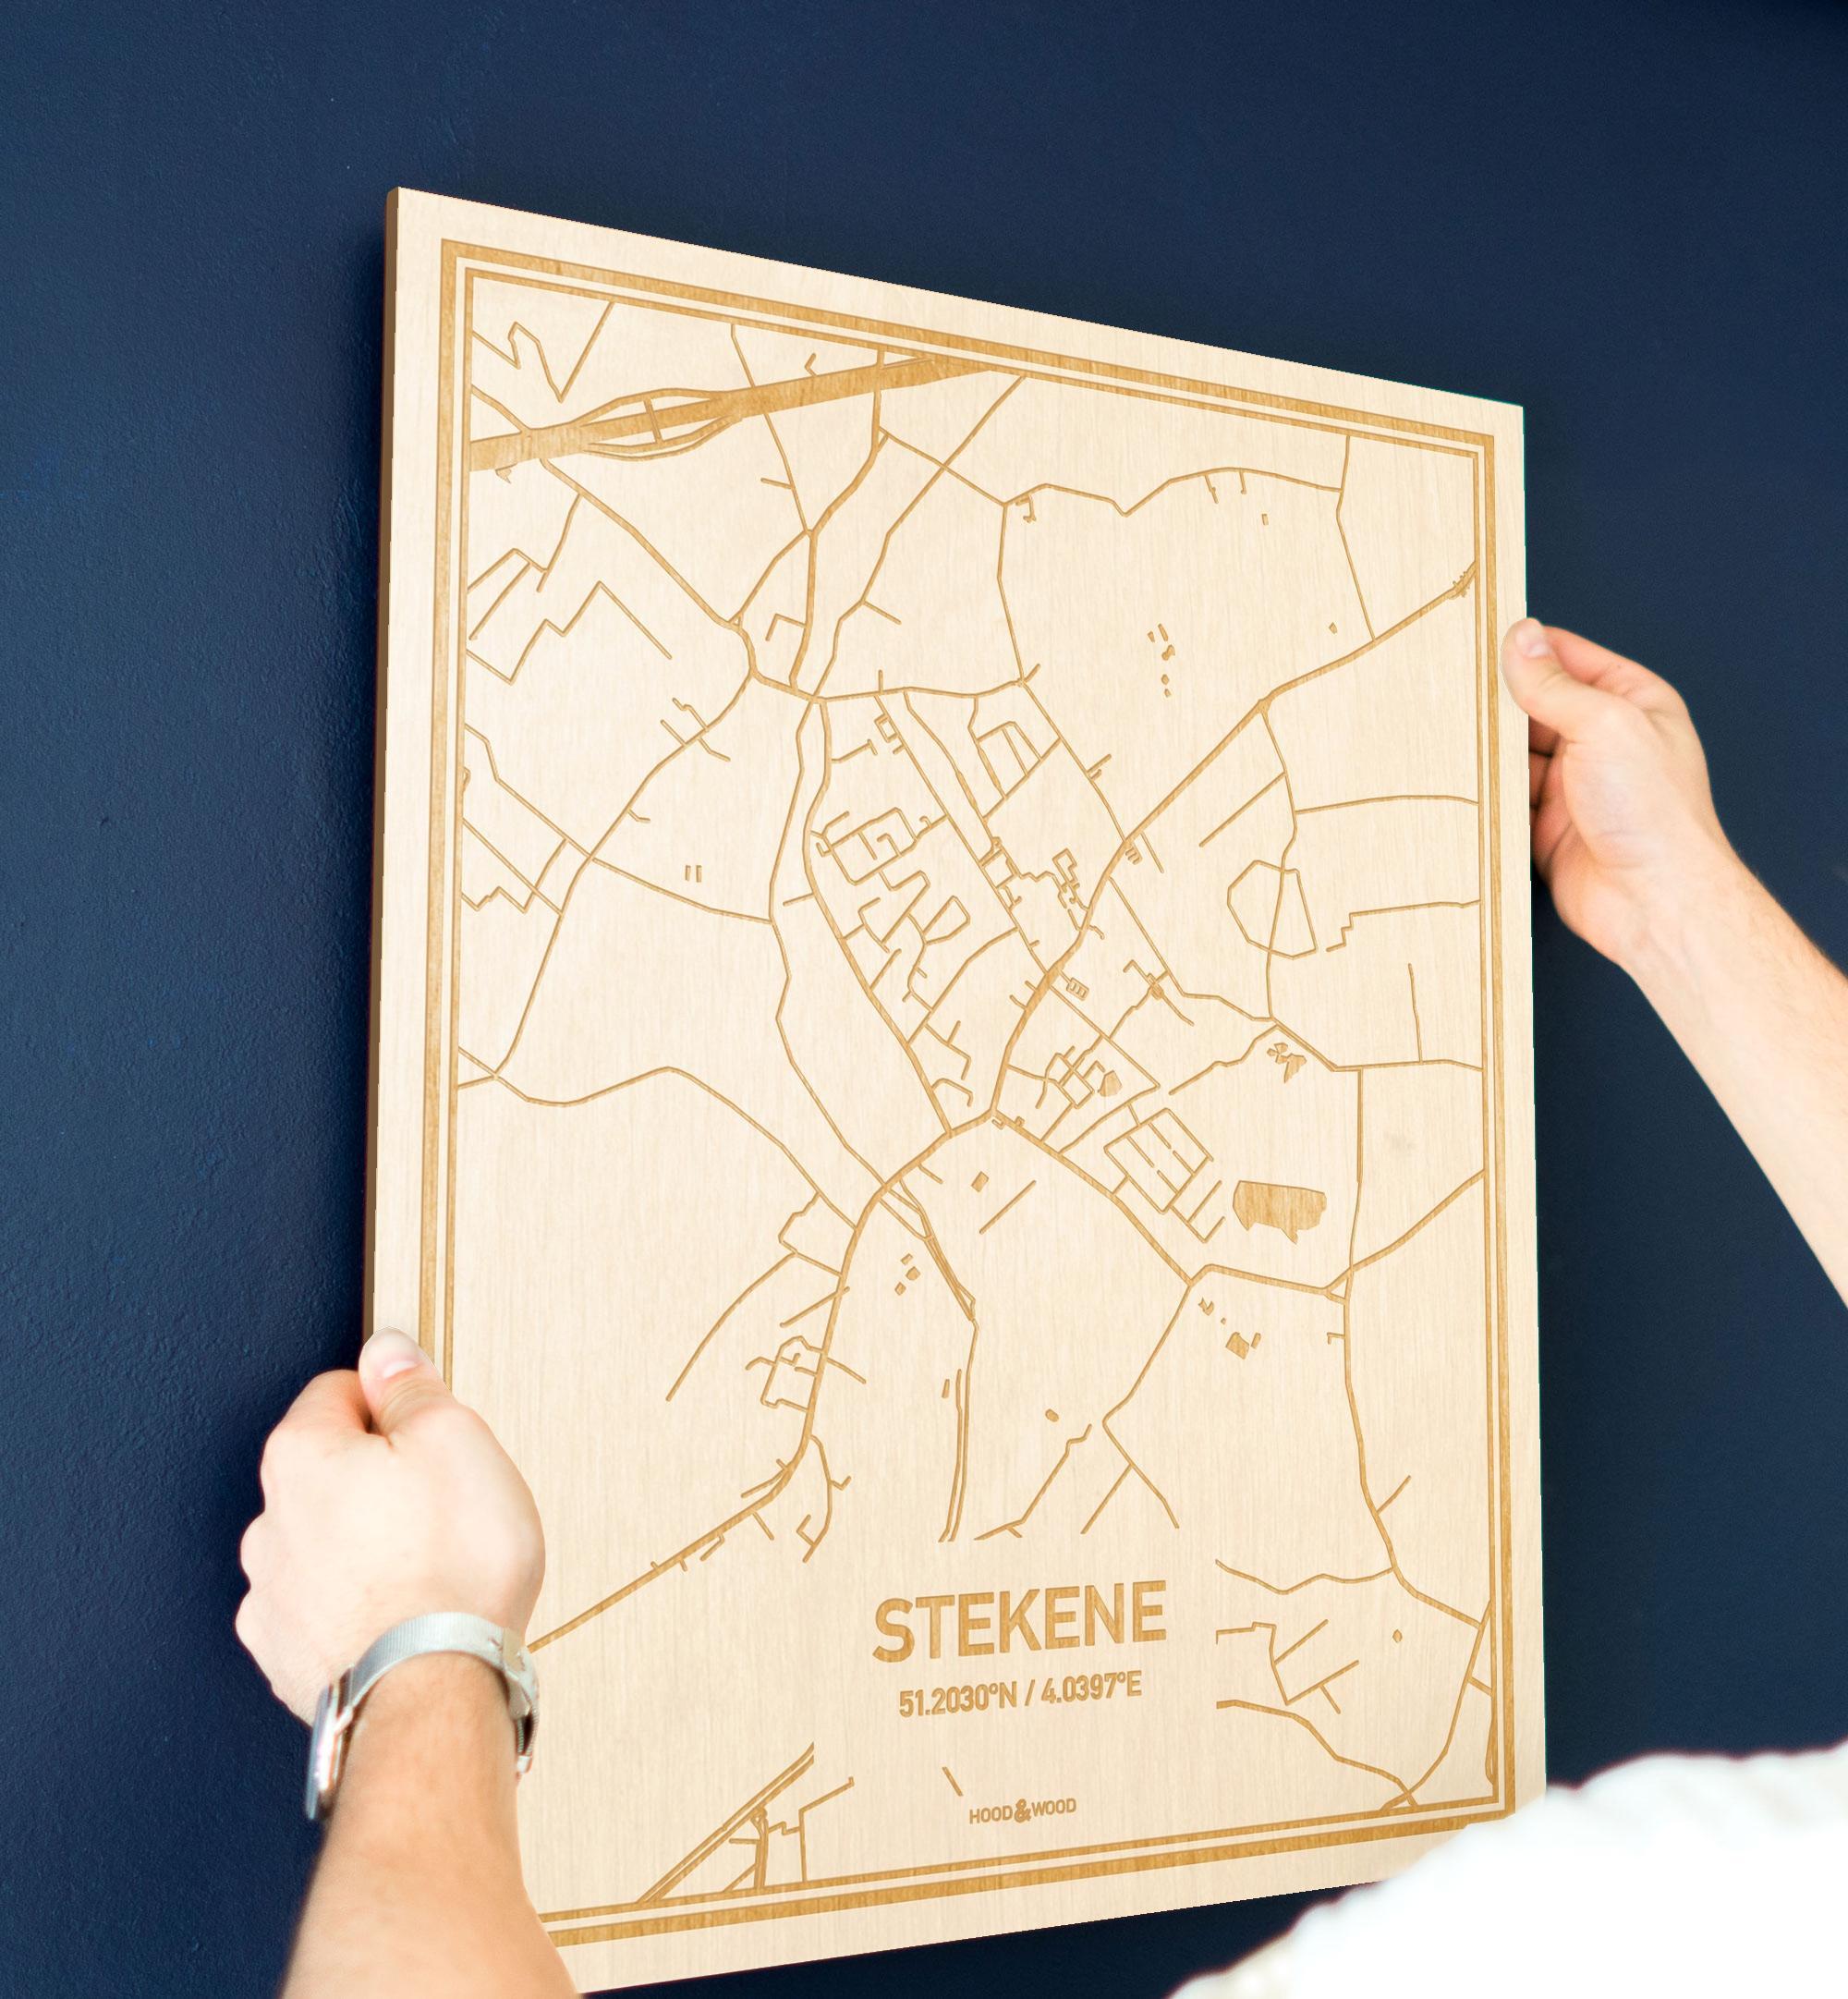 Een man hangt de houten plattegrond Stekene aan zijn blauwe muur ter decoratie. Je ziet alleen zijn handen de kaart van deze opvallende in Oost-Vlaanderen  vasthouden.